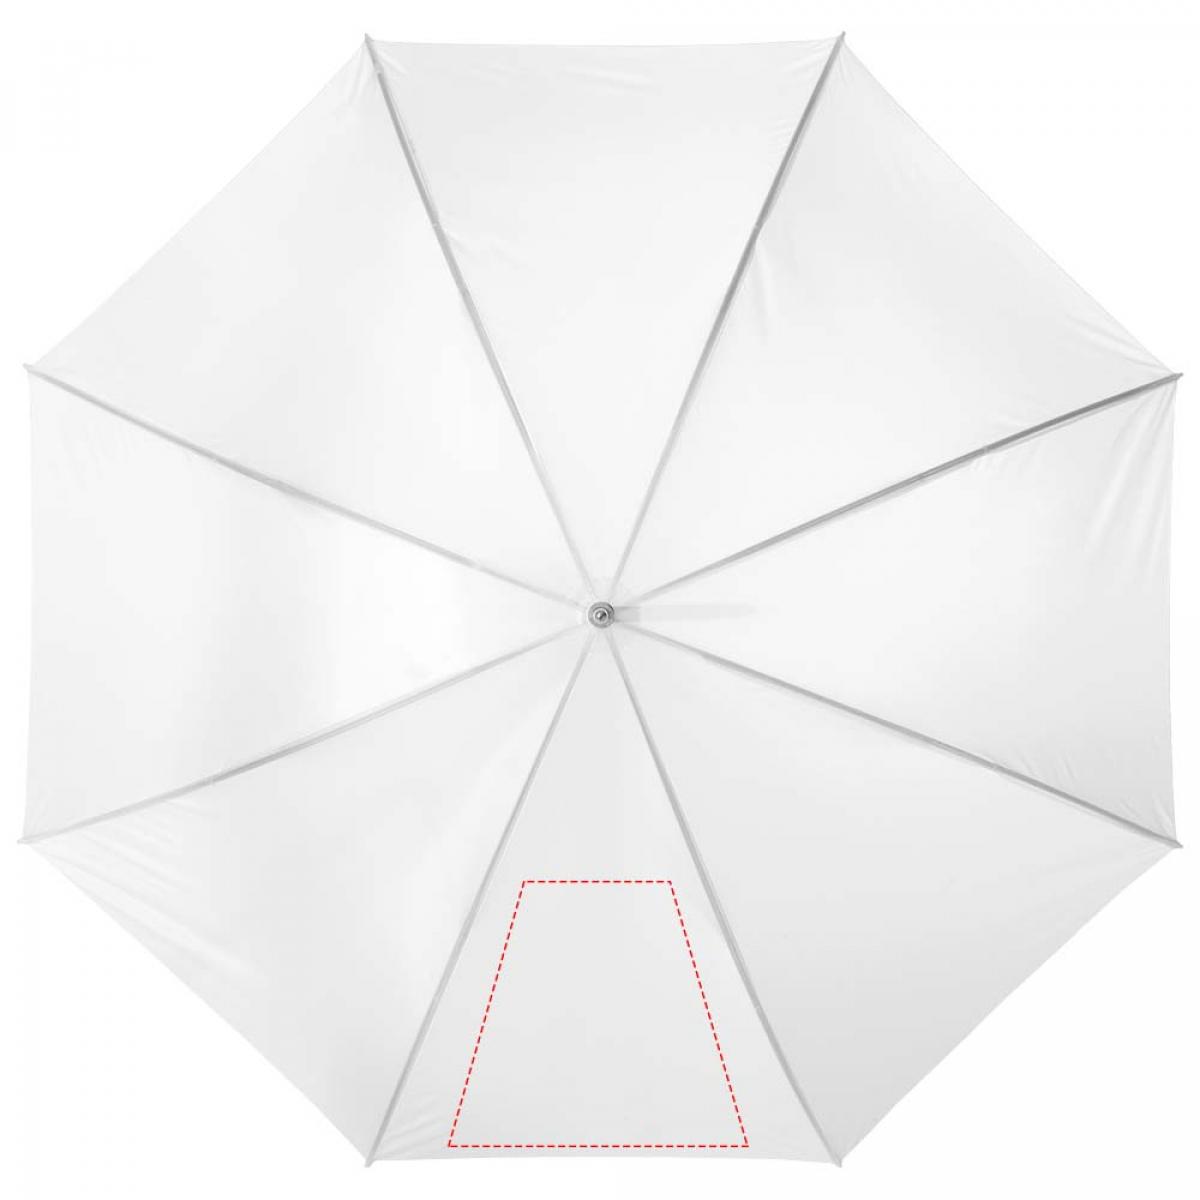 Paraplu met metalen stok